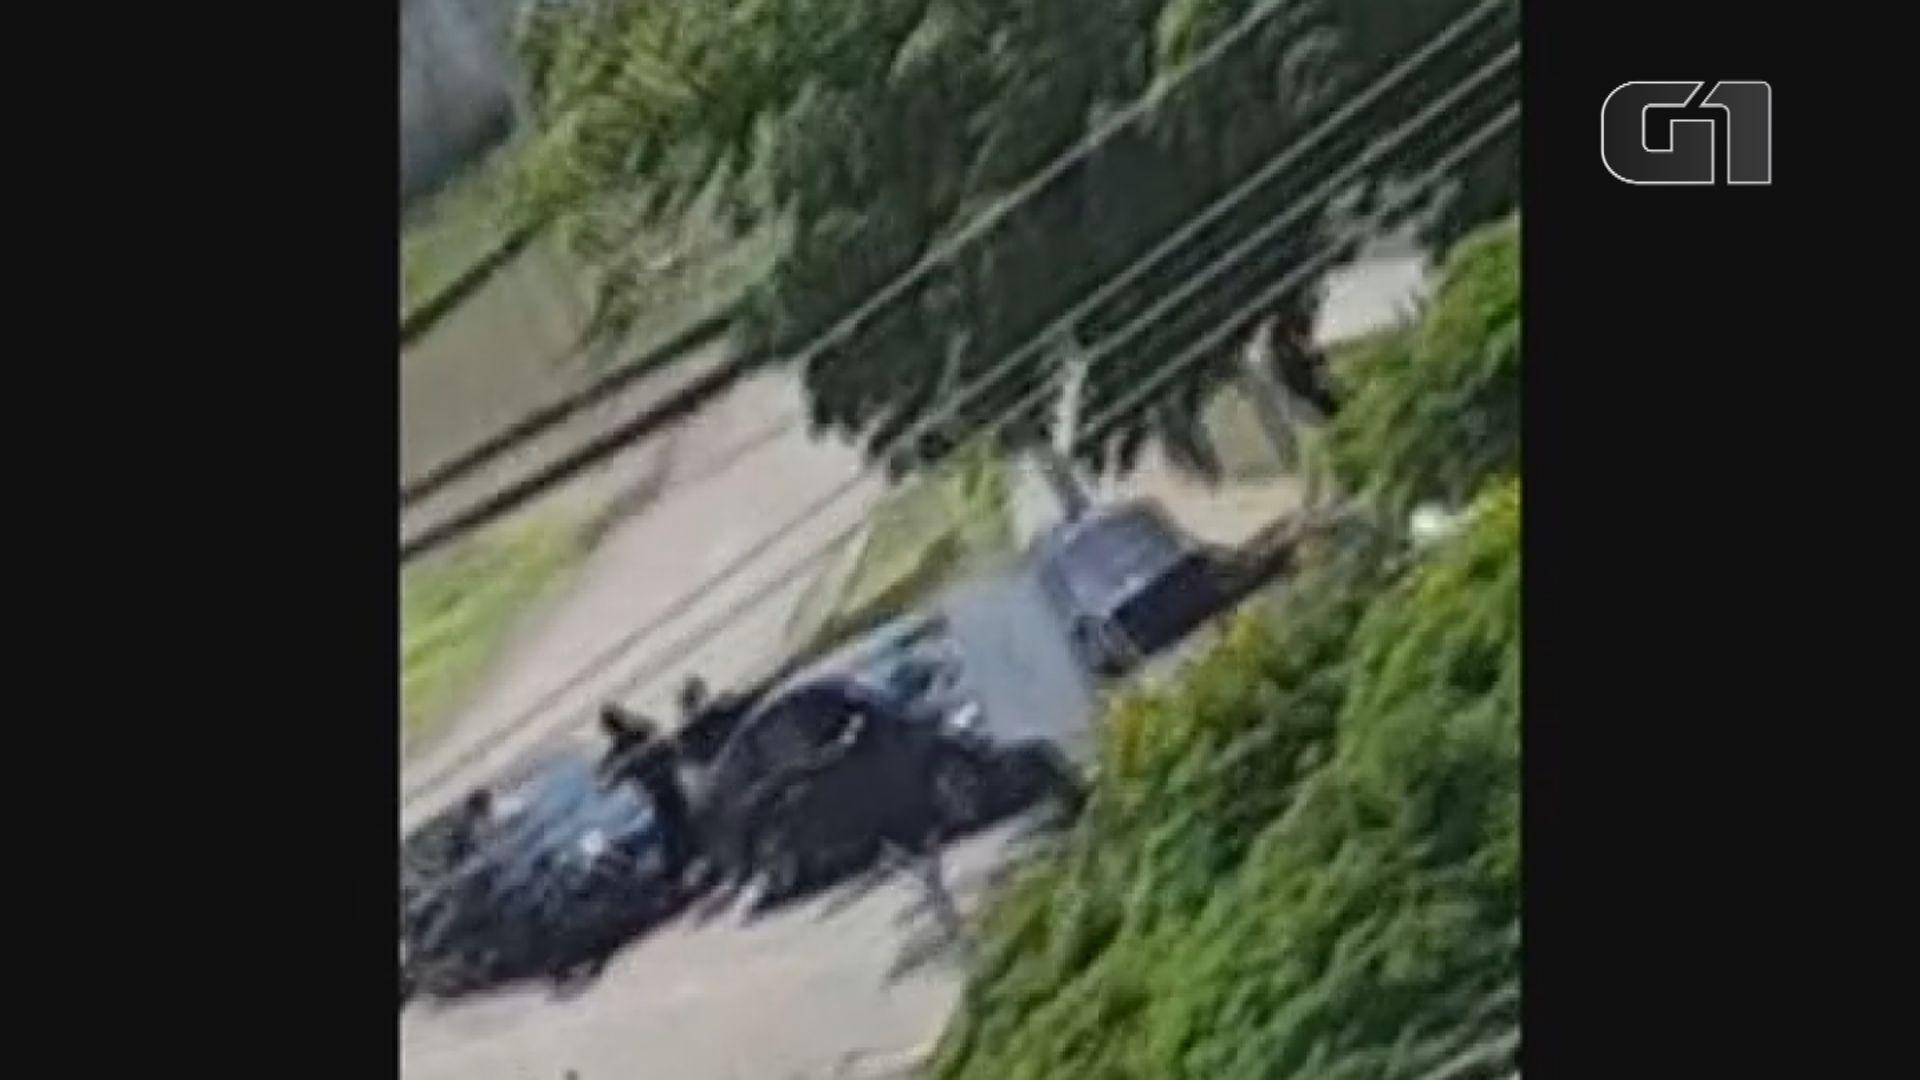 Imagens mostram assalto no Aeroporto de Viracopos; VÍDEO - Notícias - Plantão Diário